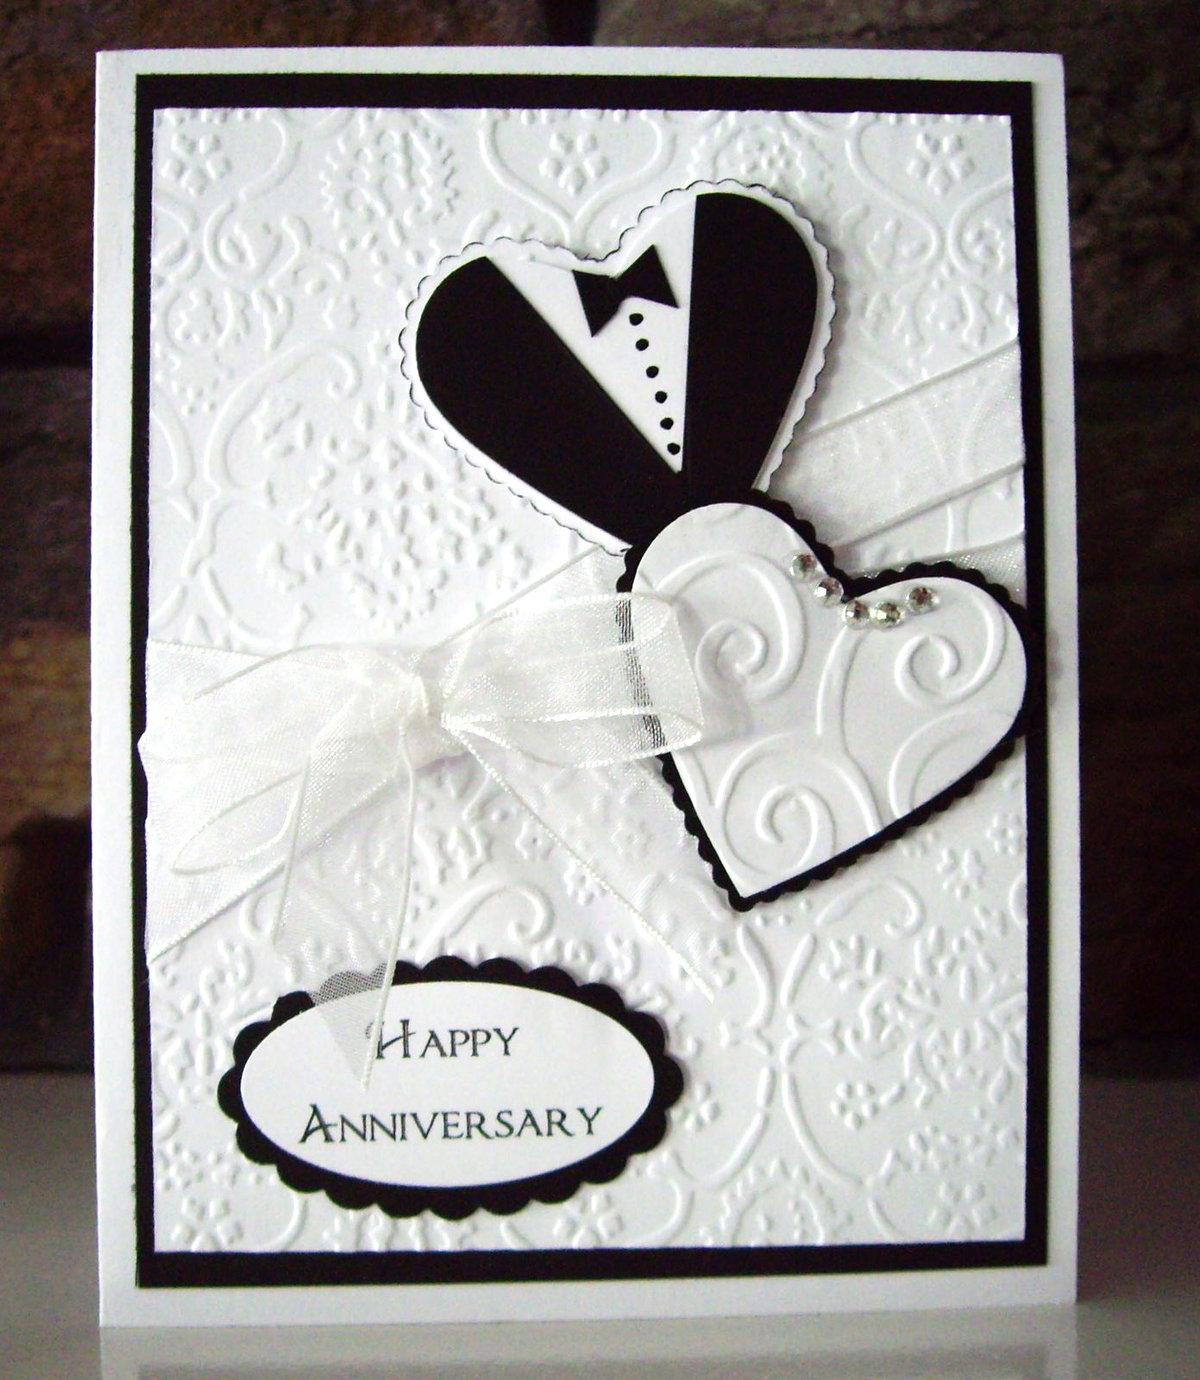 Красивые открытки на годовщину встречи своими руками, днем рождения женщине